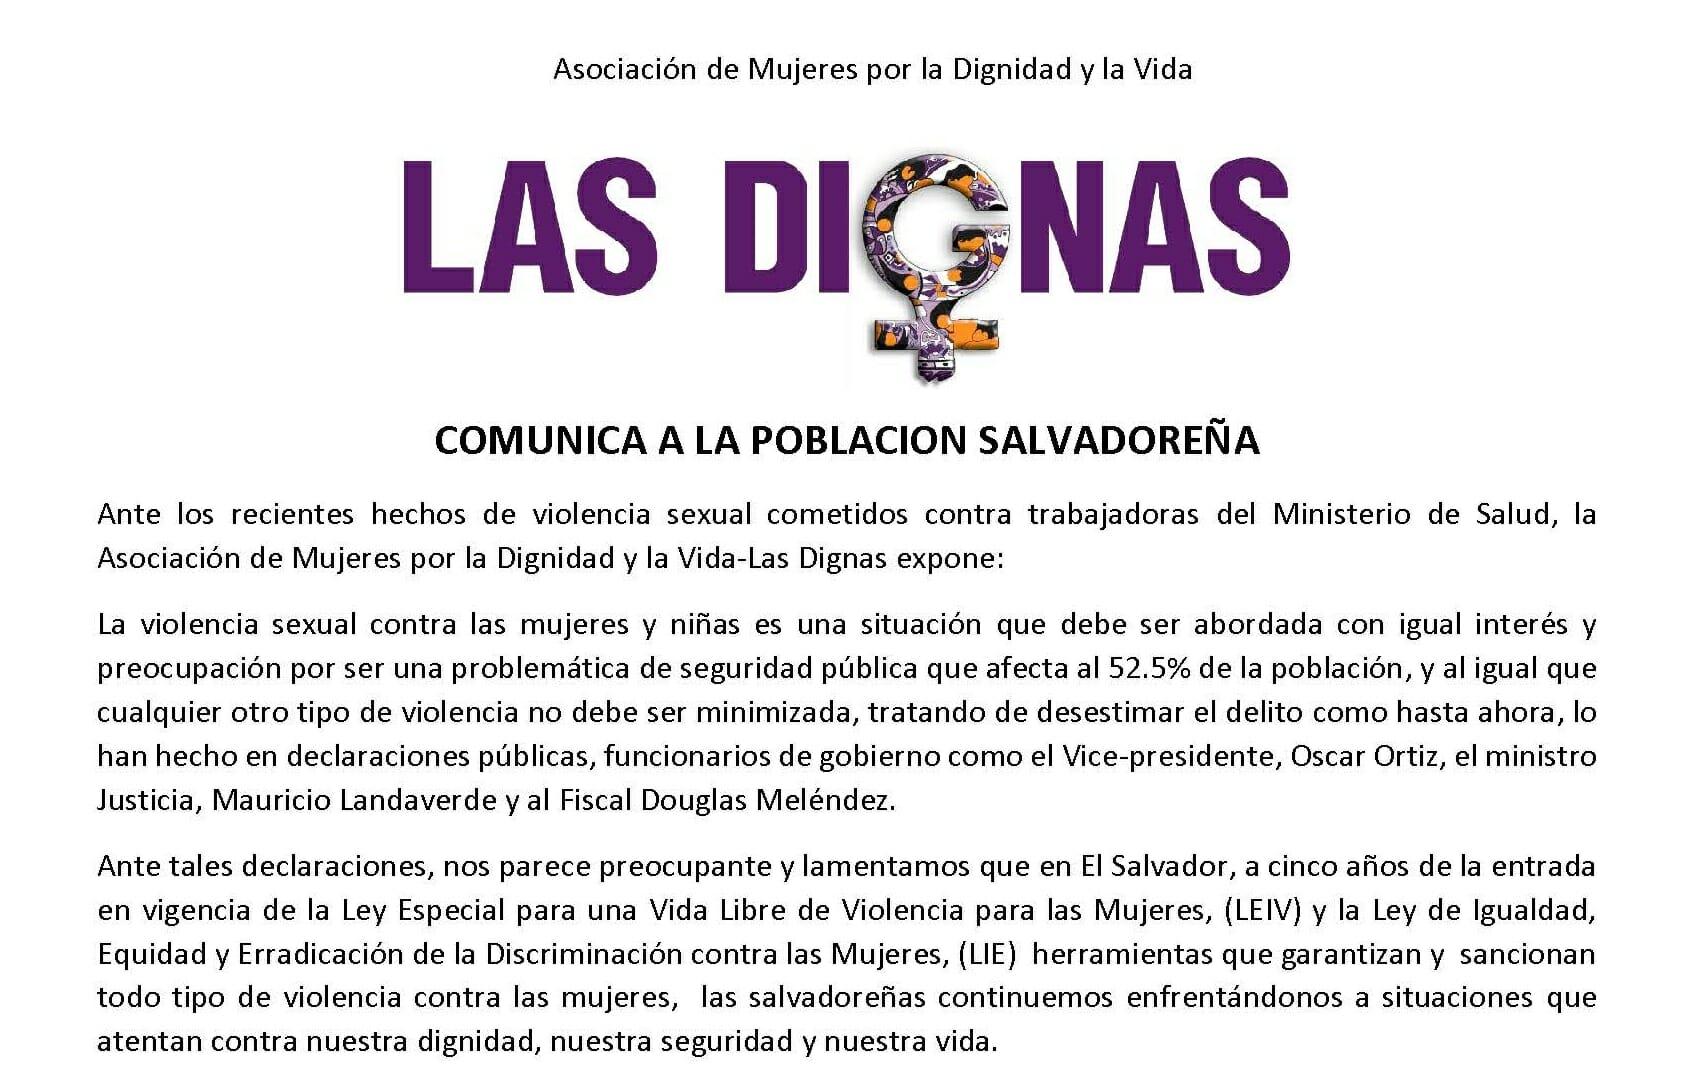 COMUNICADO CASO DE VIOLENCIA SEXUAL CONTRA PROMOTORAS DE SALUD | 19.05.17